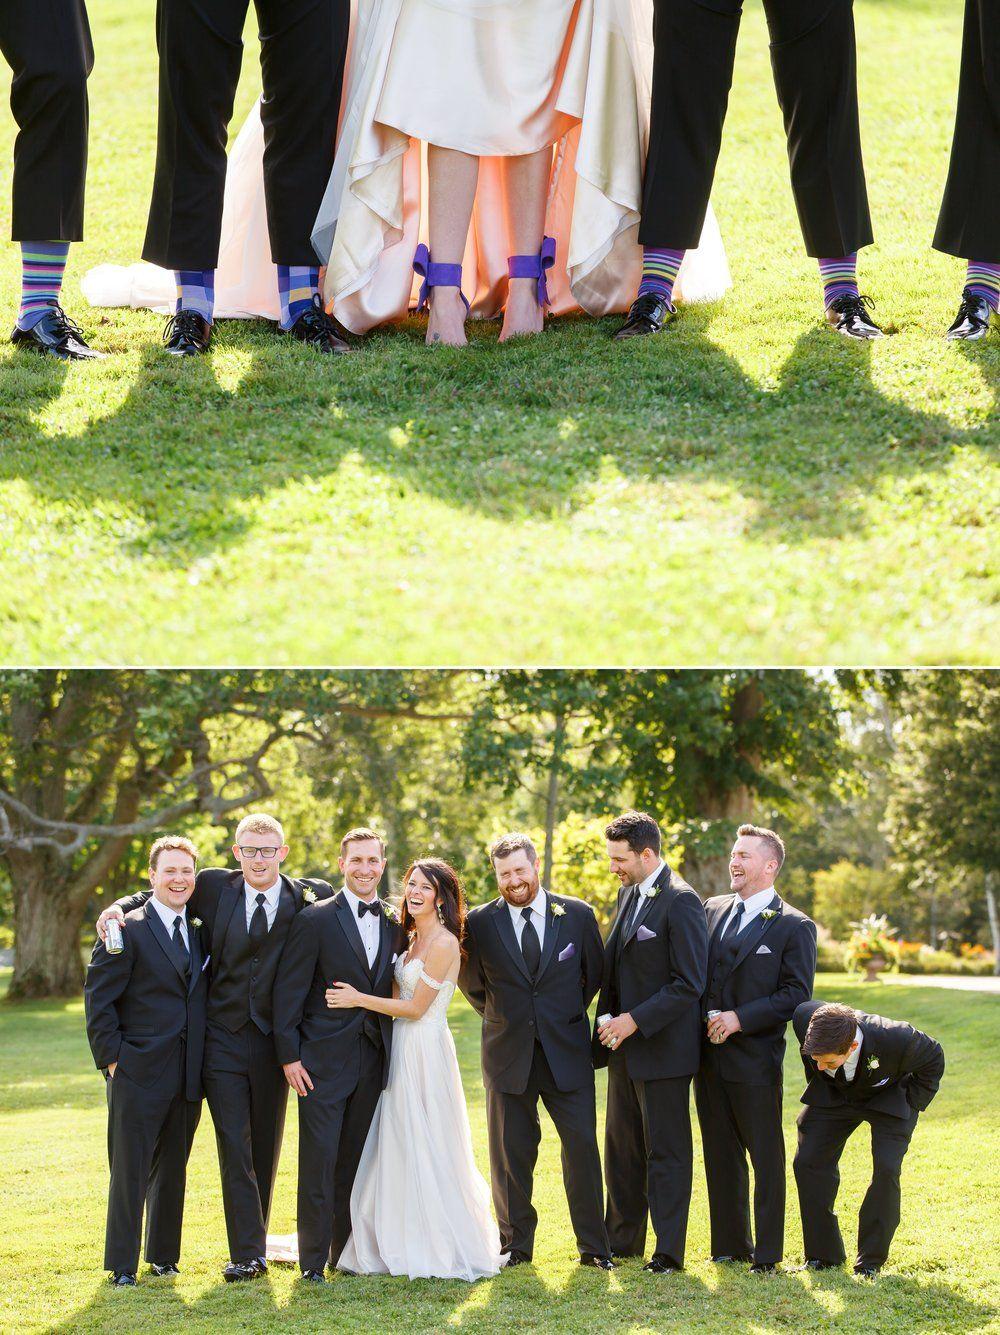 Wedding photography by Brady McCloskey Photography. Prince Edward Island, Canada. www.bradymccloskey.com